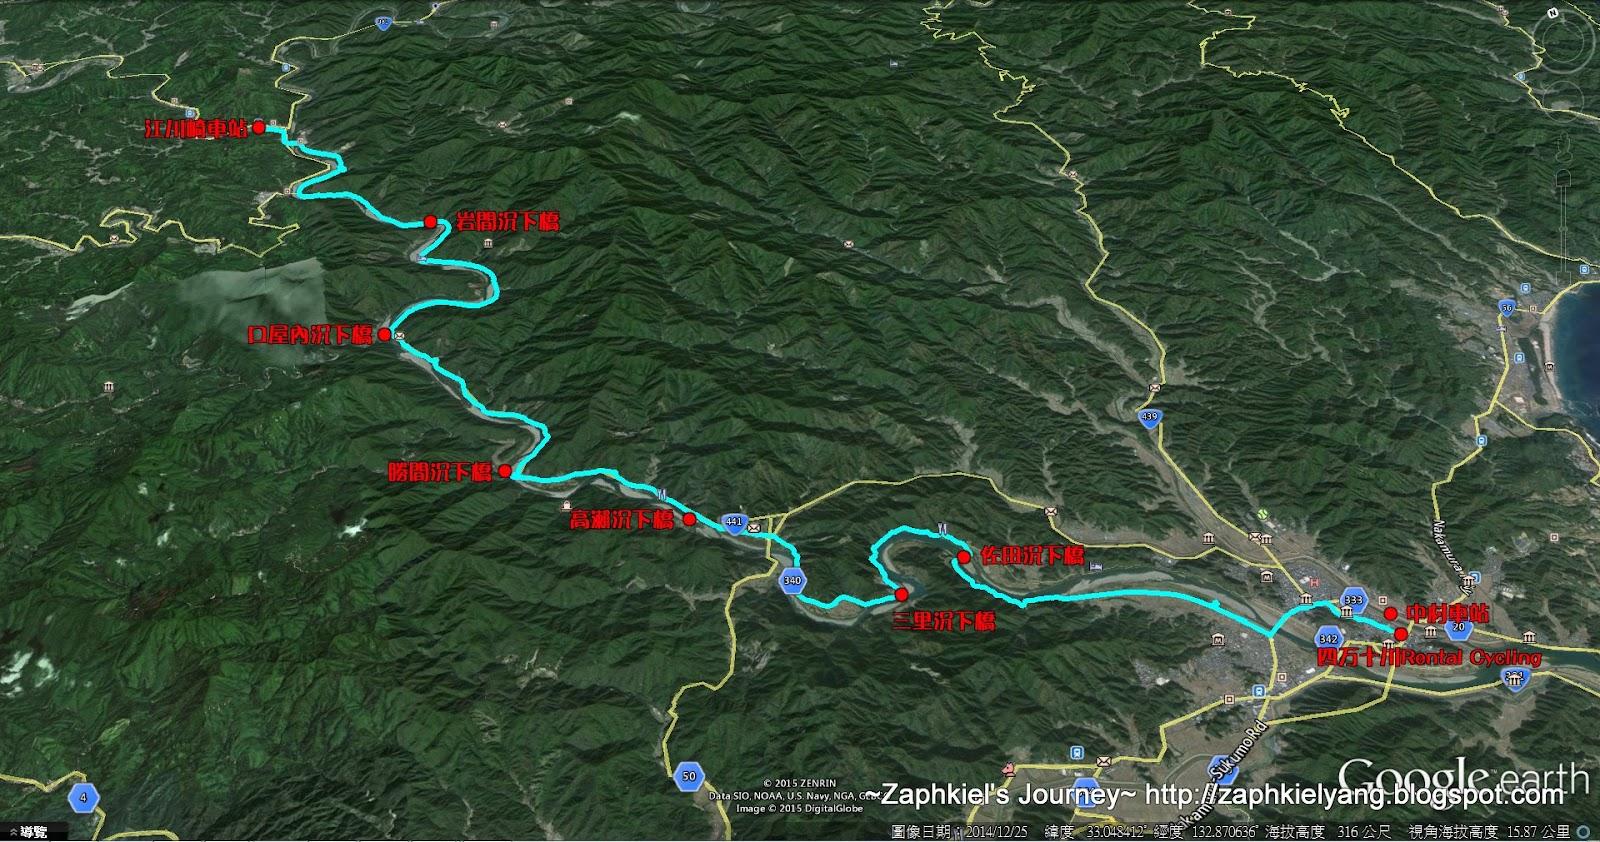 Zaphkiel's Journey